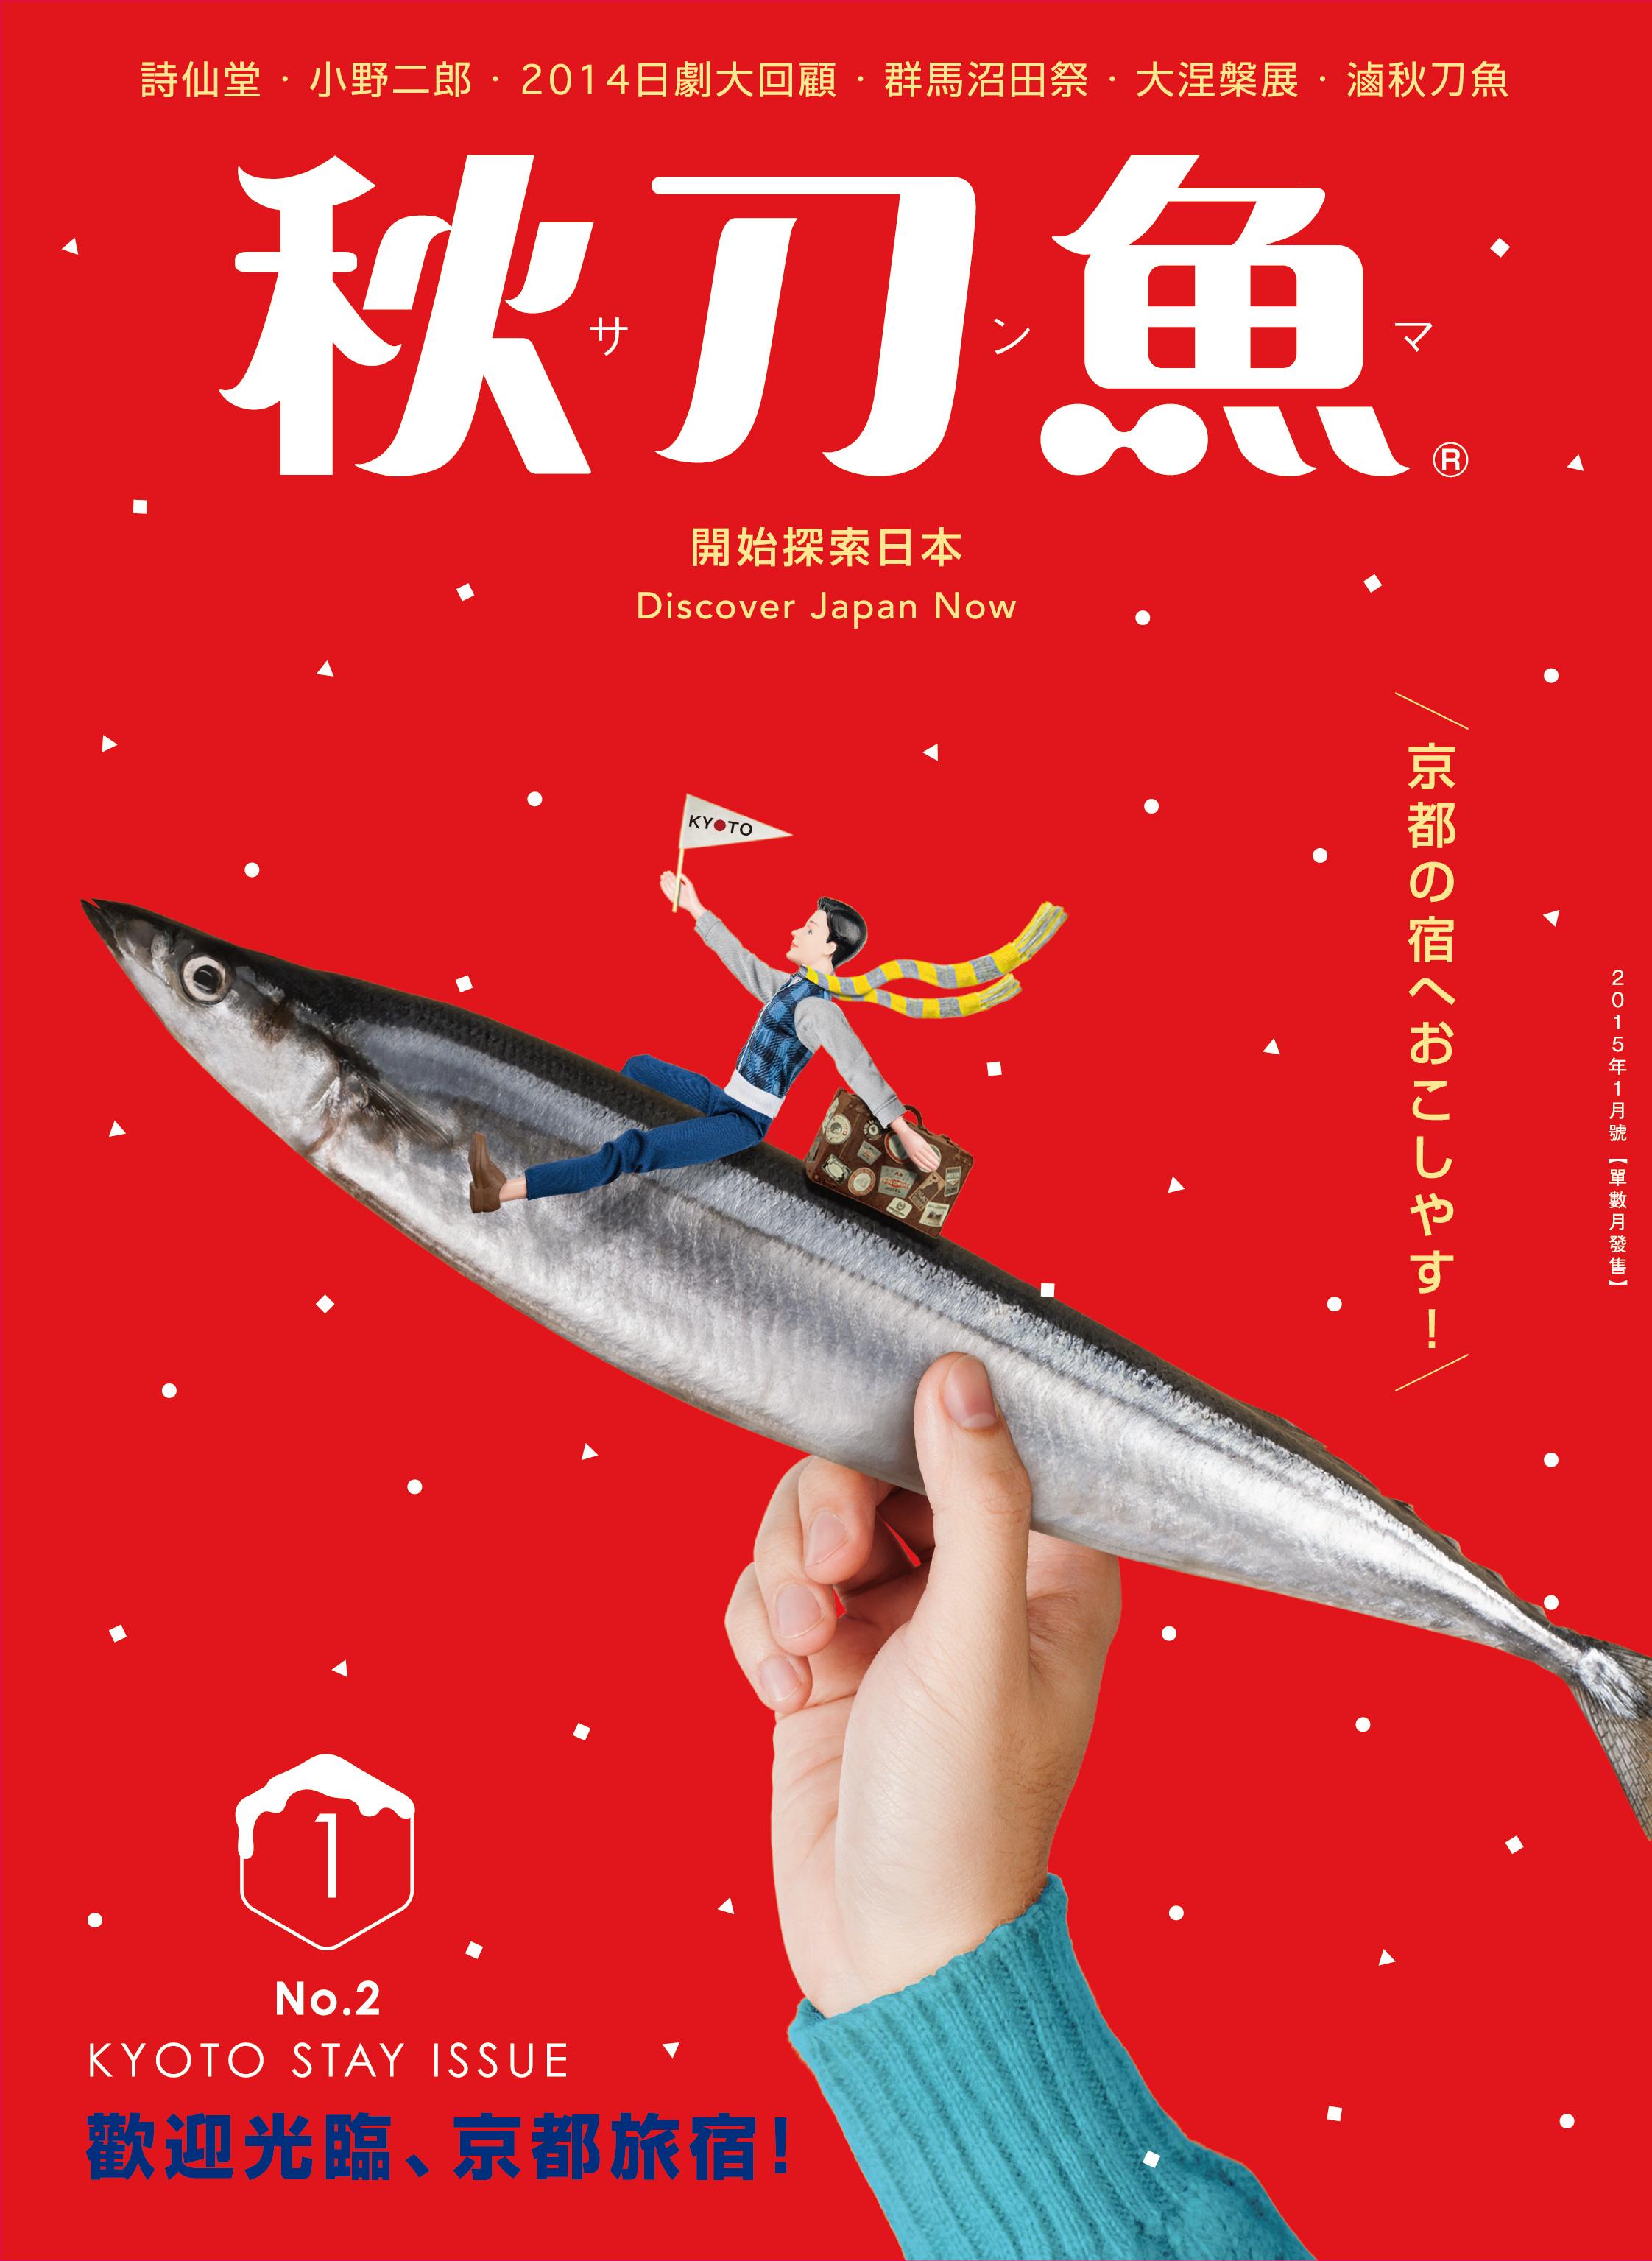 2015年1月號第2期  〈歡迎光臨、京都旅宿!〉